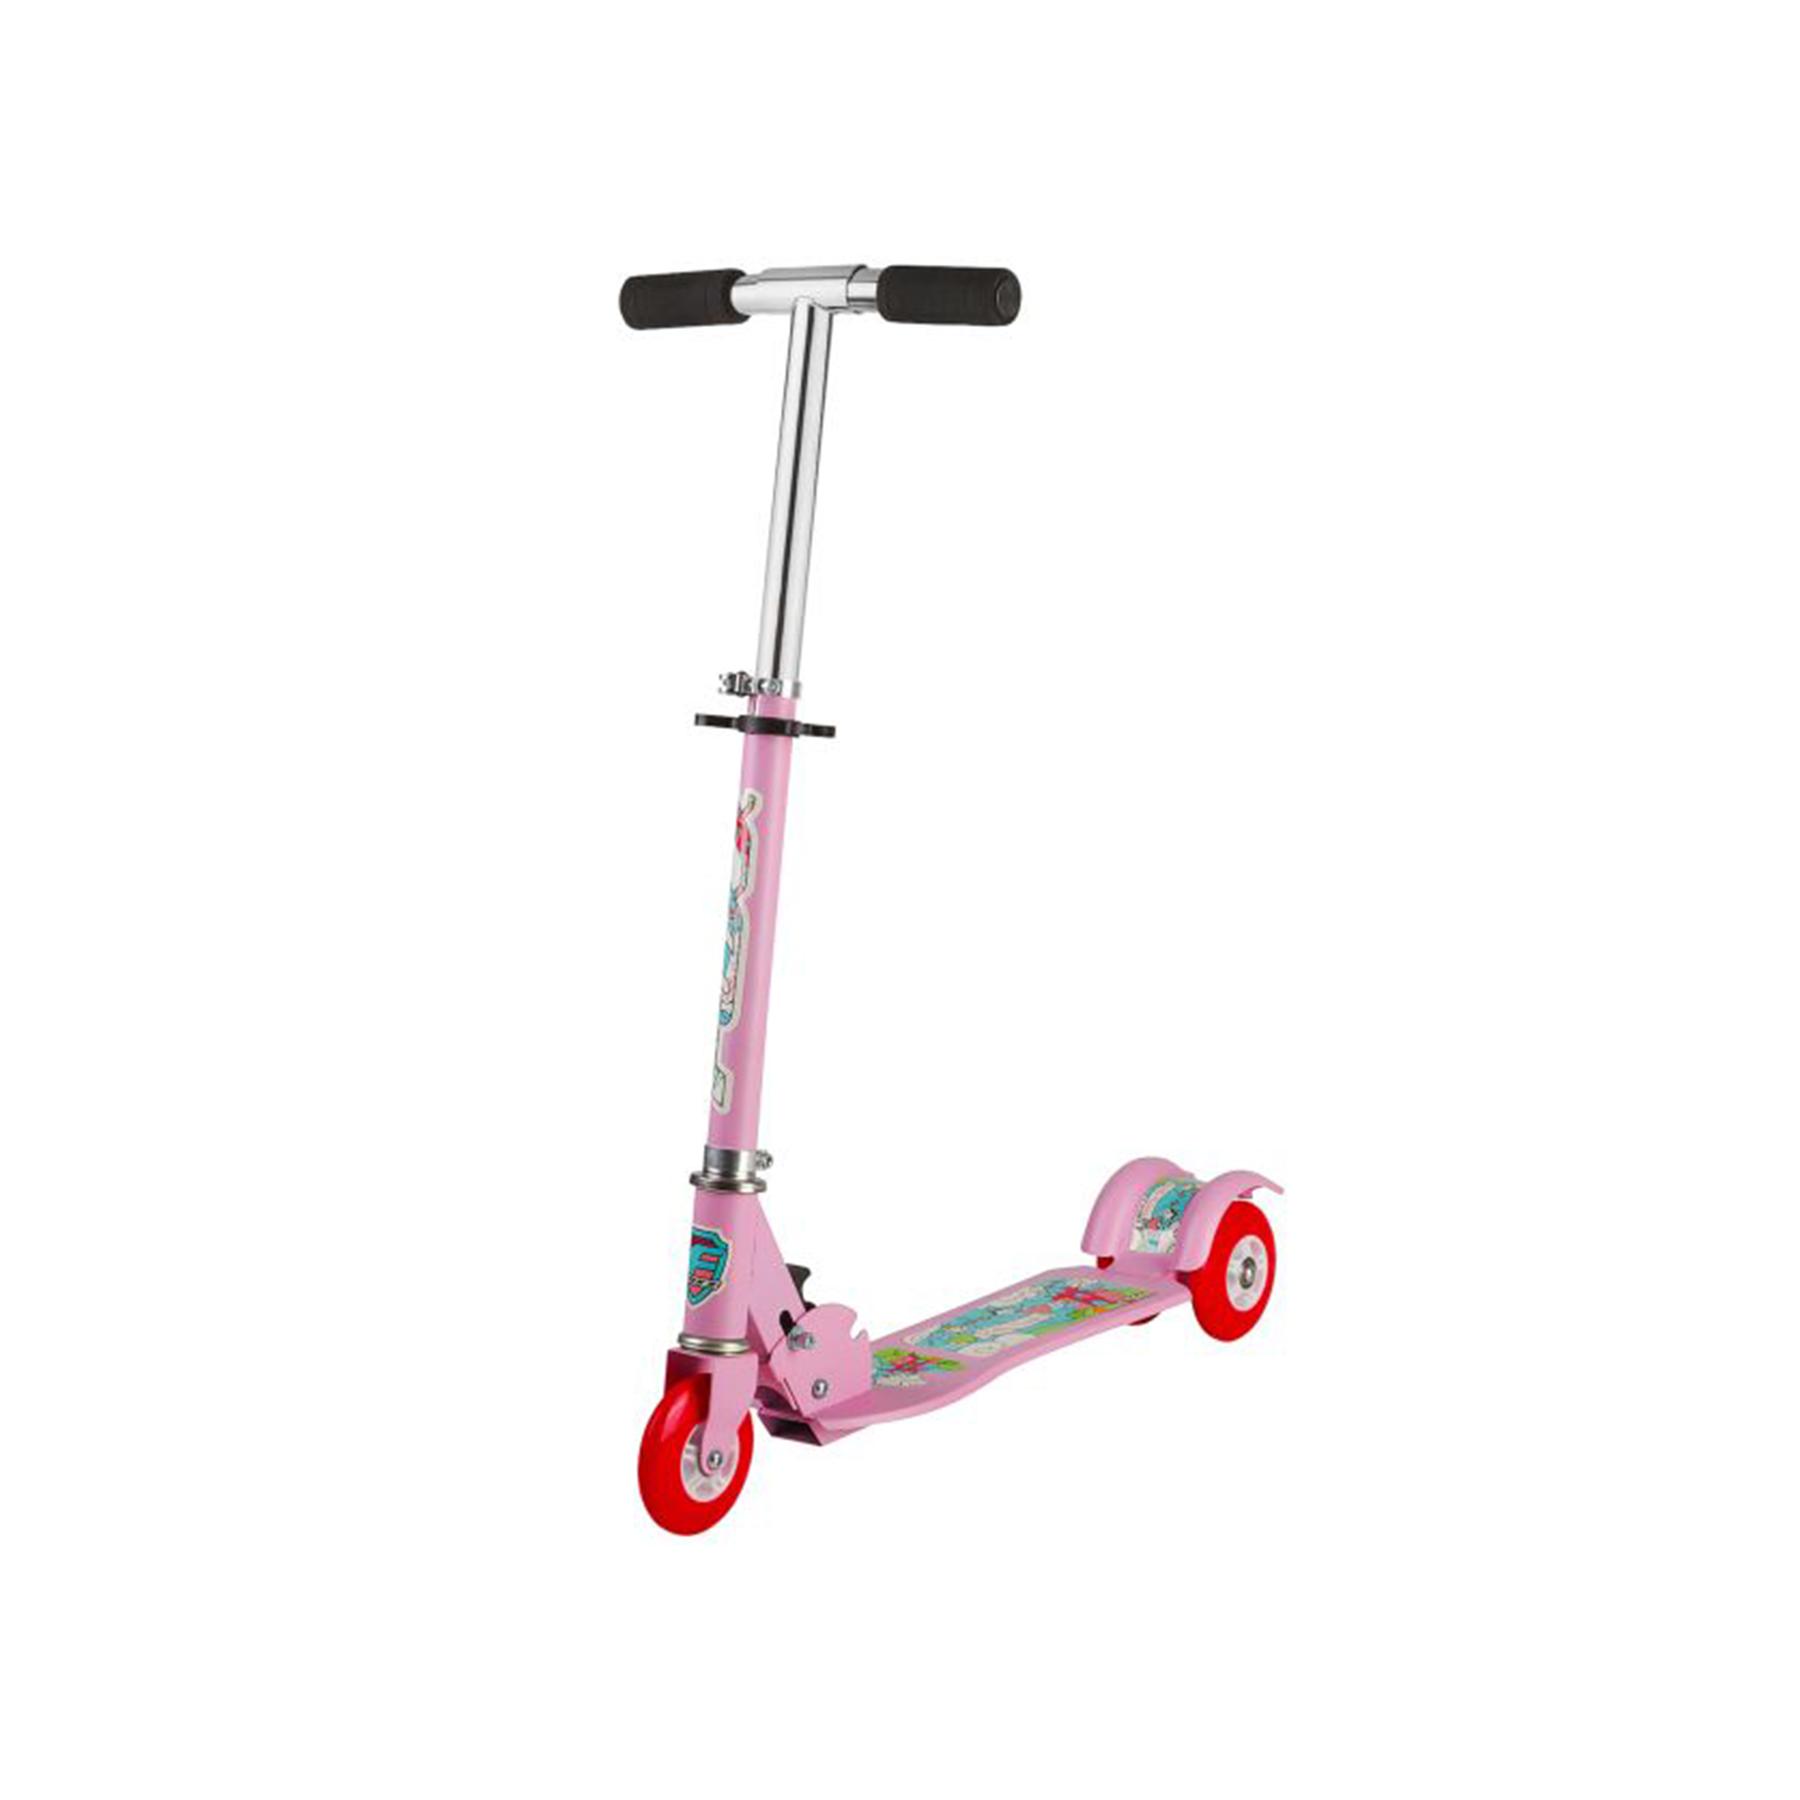 Самокат Foxx Fairy Tale( 2 колеса сзади) сталь,колеса 100мм,ABEC-7 (розовый) 117777